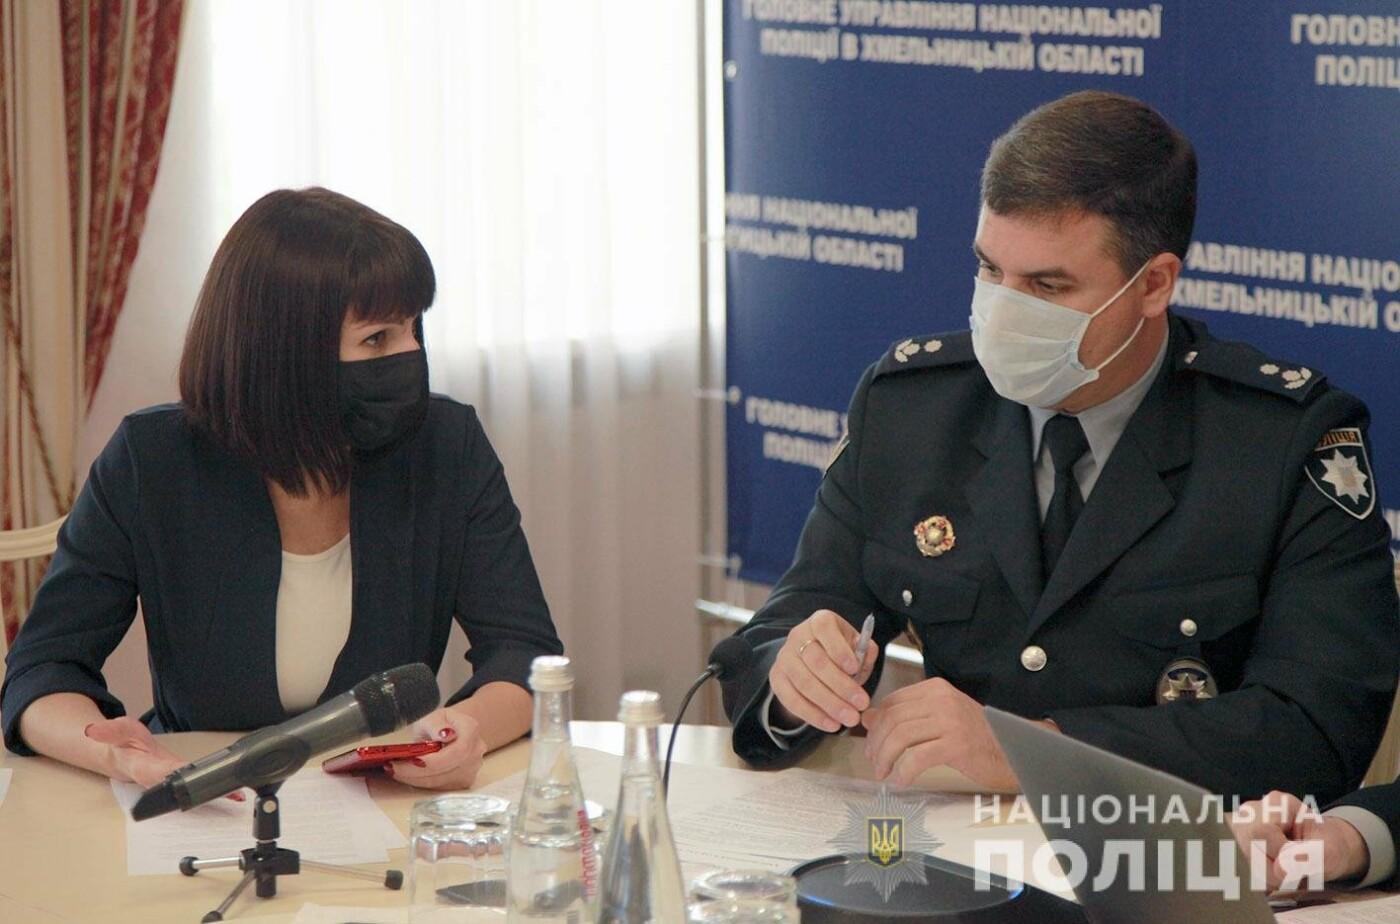 В поліції Хмельницької області відбувся брифінг на тему відповідальності за порушення виборчого законодавства , фото-1